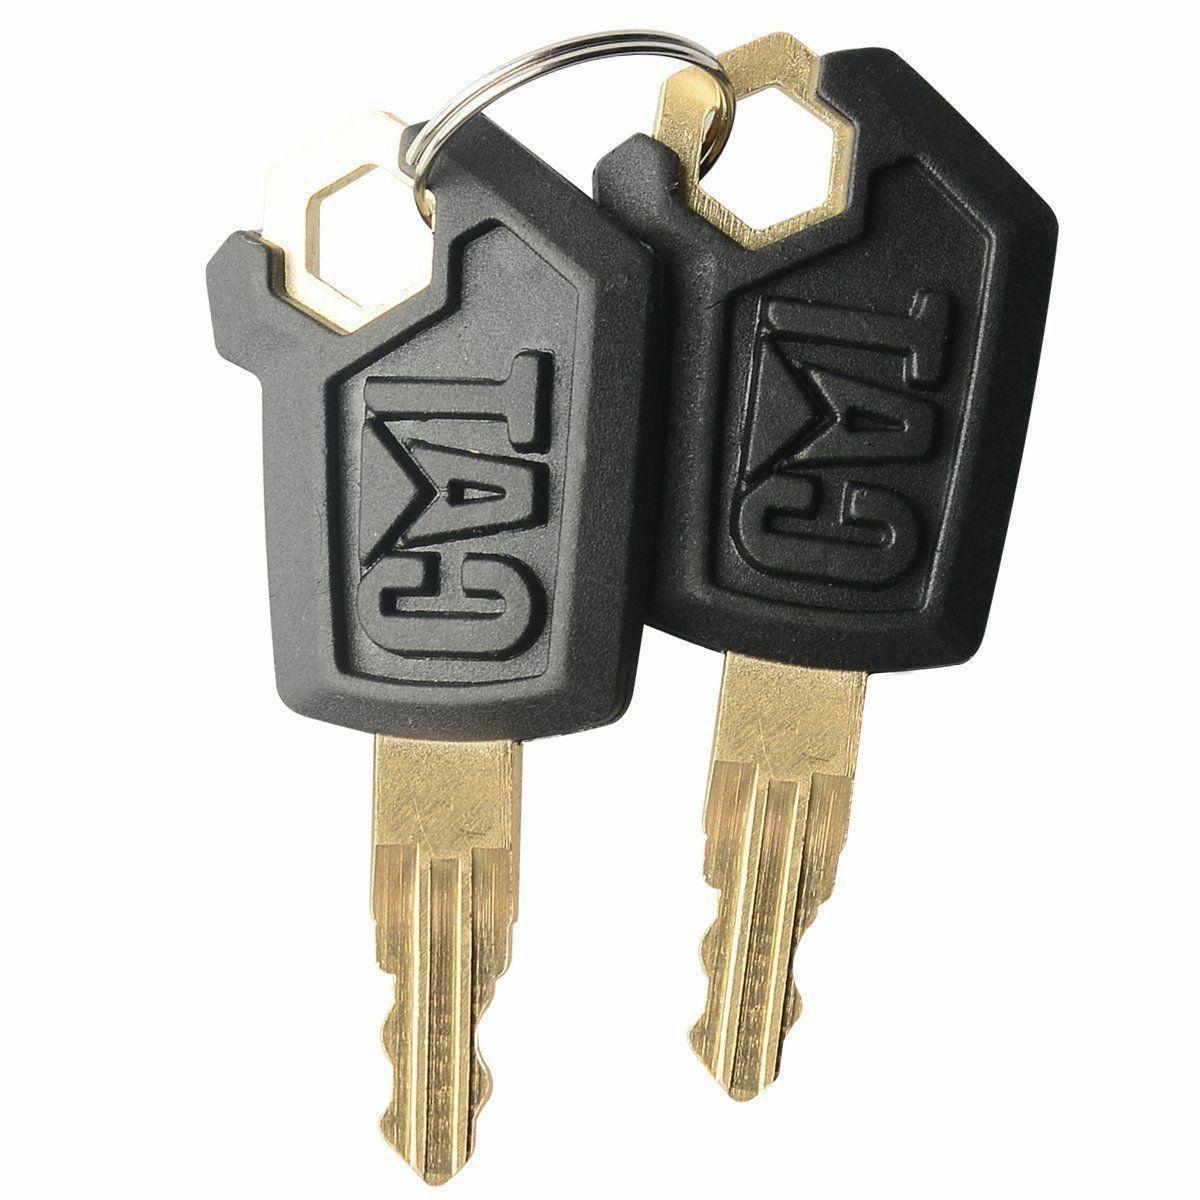 2 erpillar keys heavy equipment key dozer